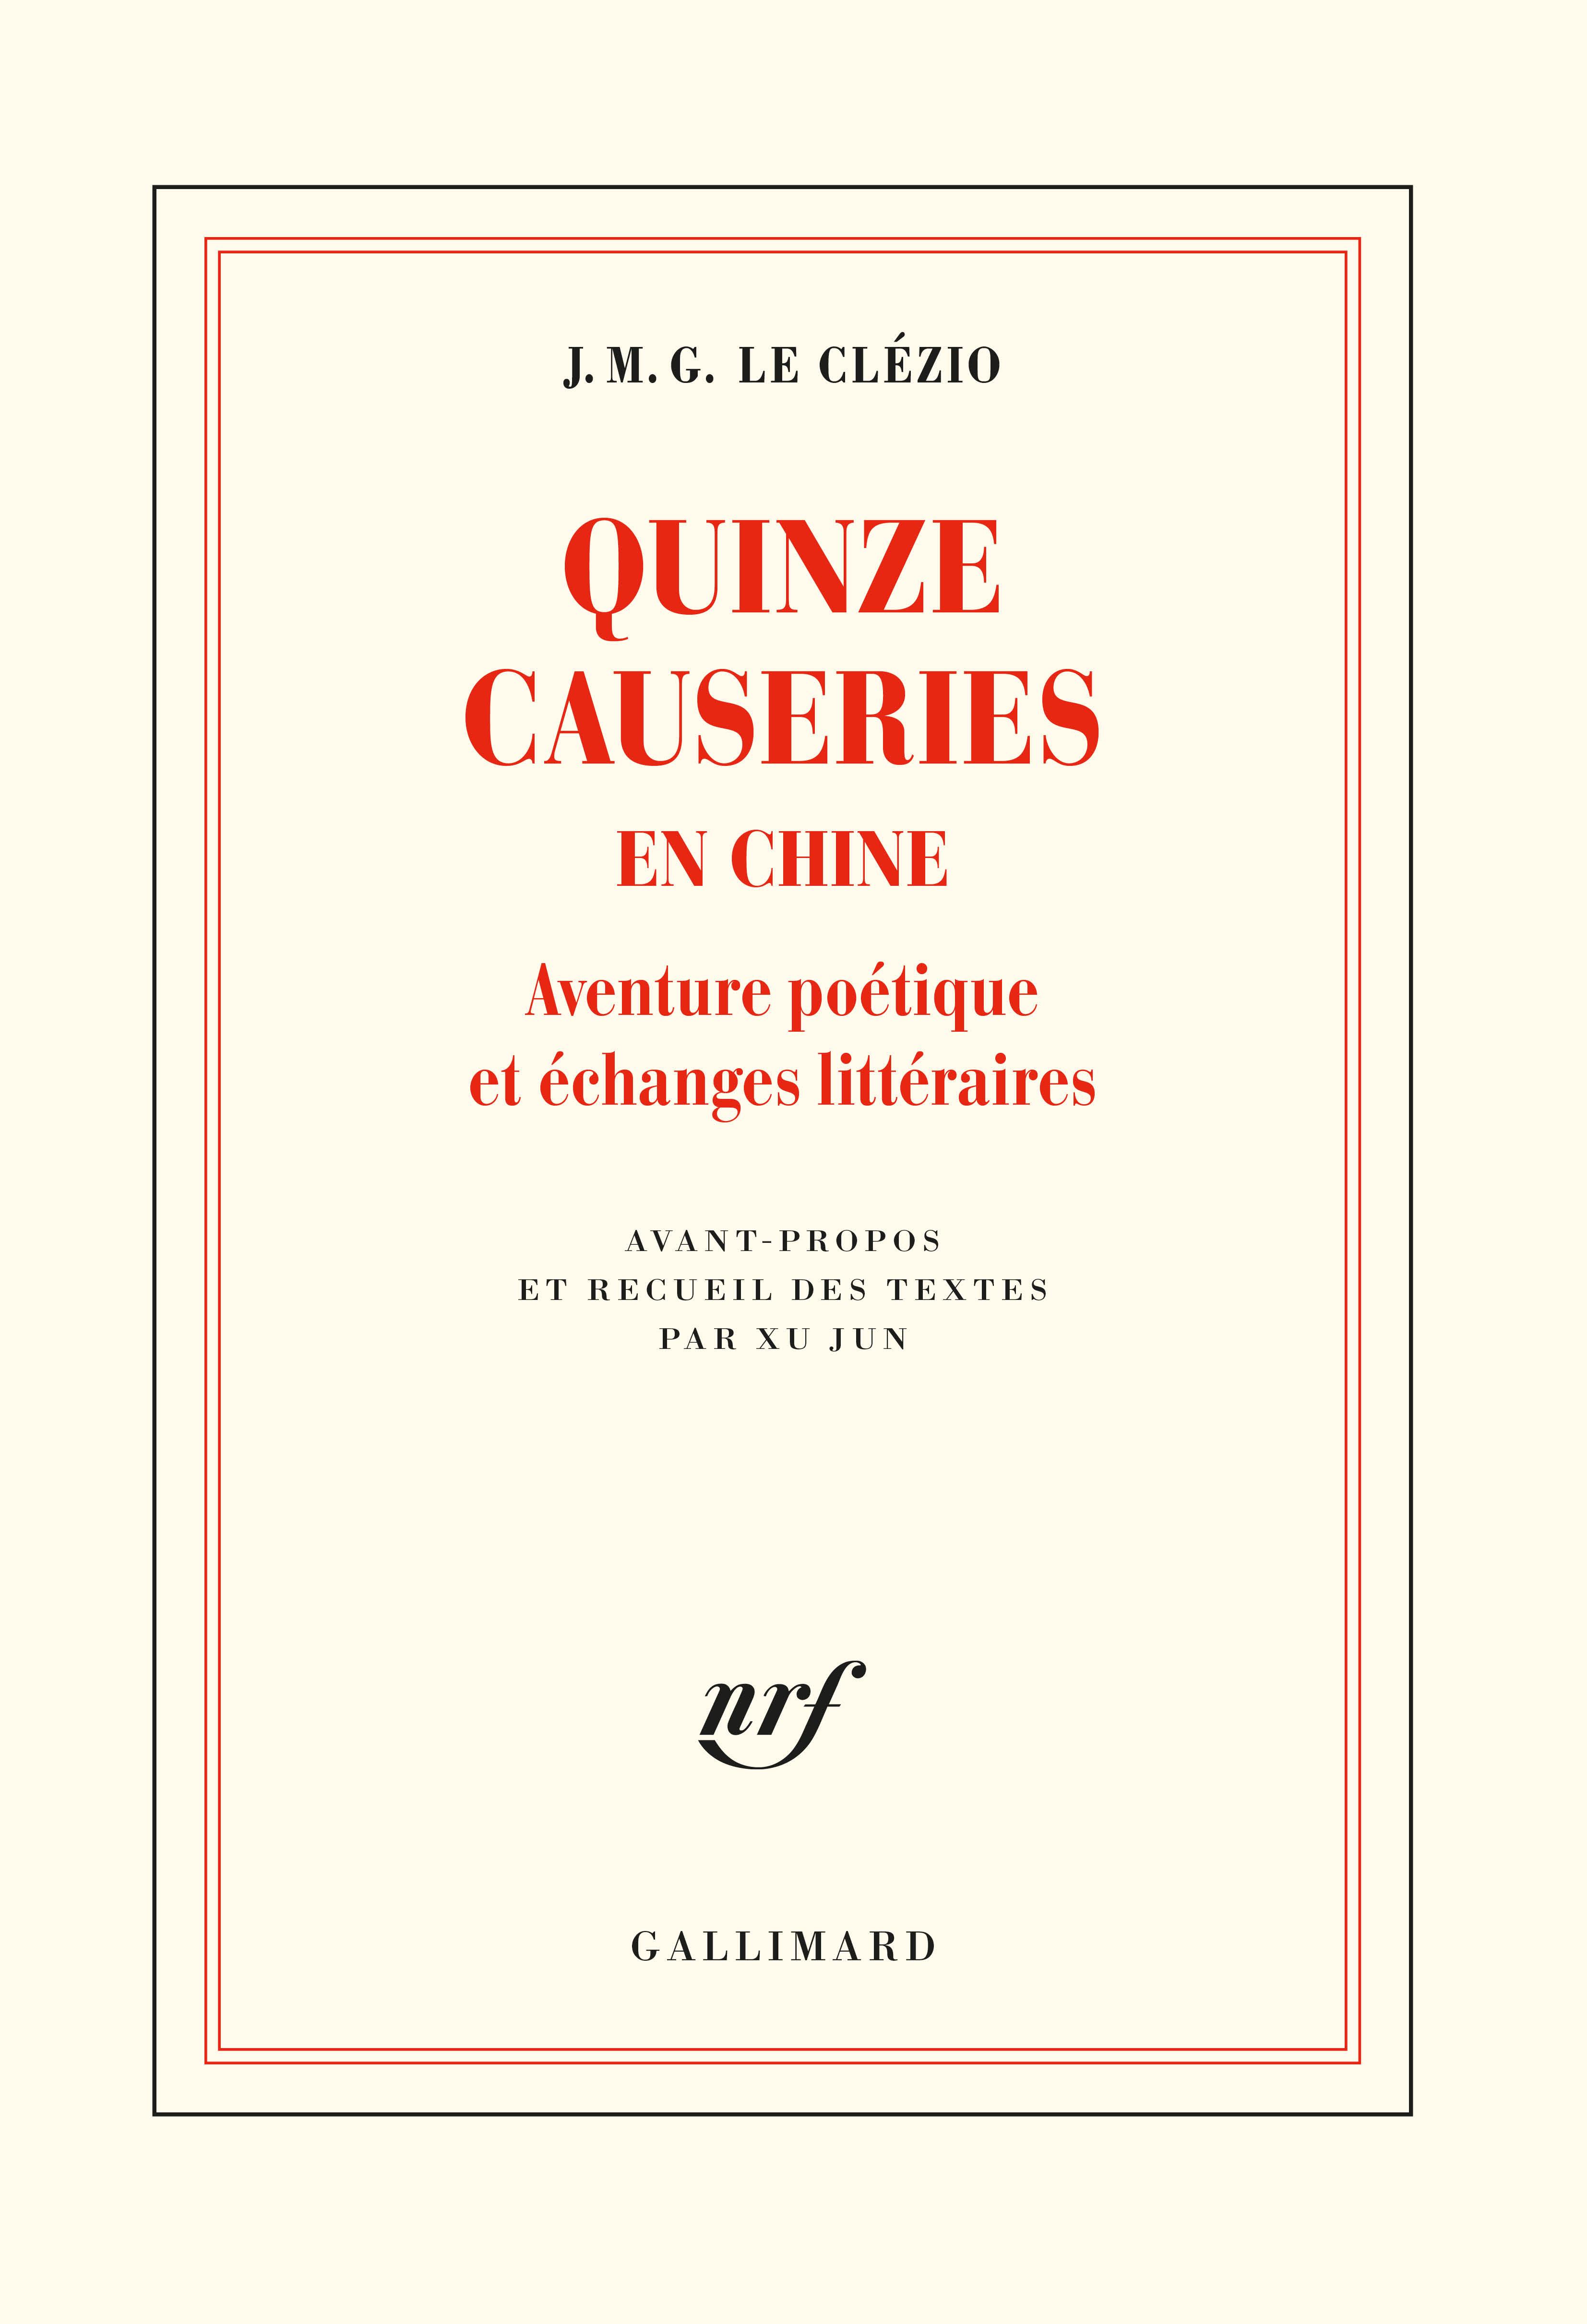 J.M.G. Le Clézio, Quinze causeries en Chine. Aventure poétique et échanges littéraires (éd. X. Jun)